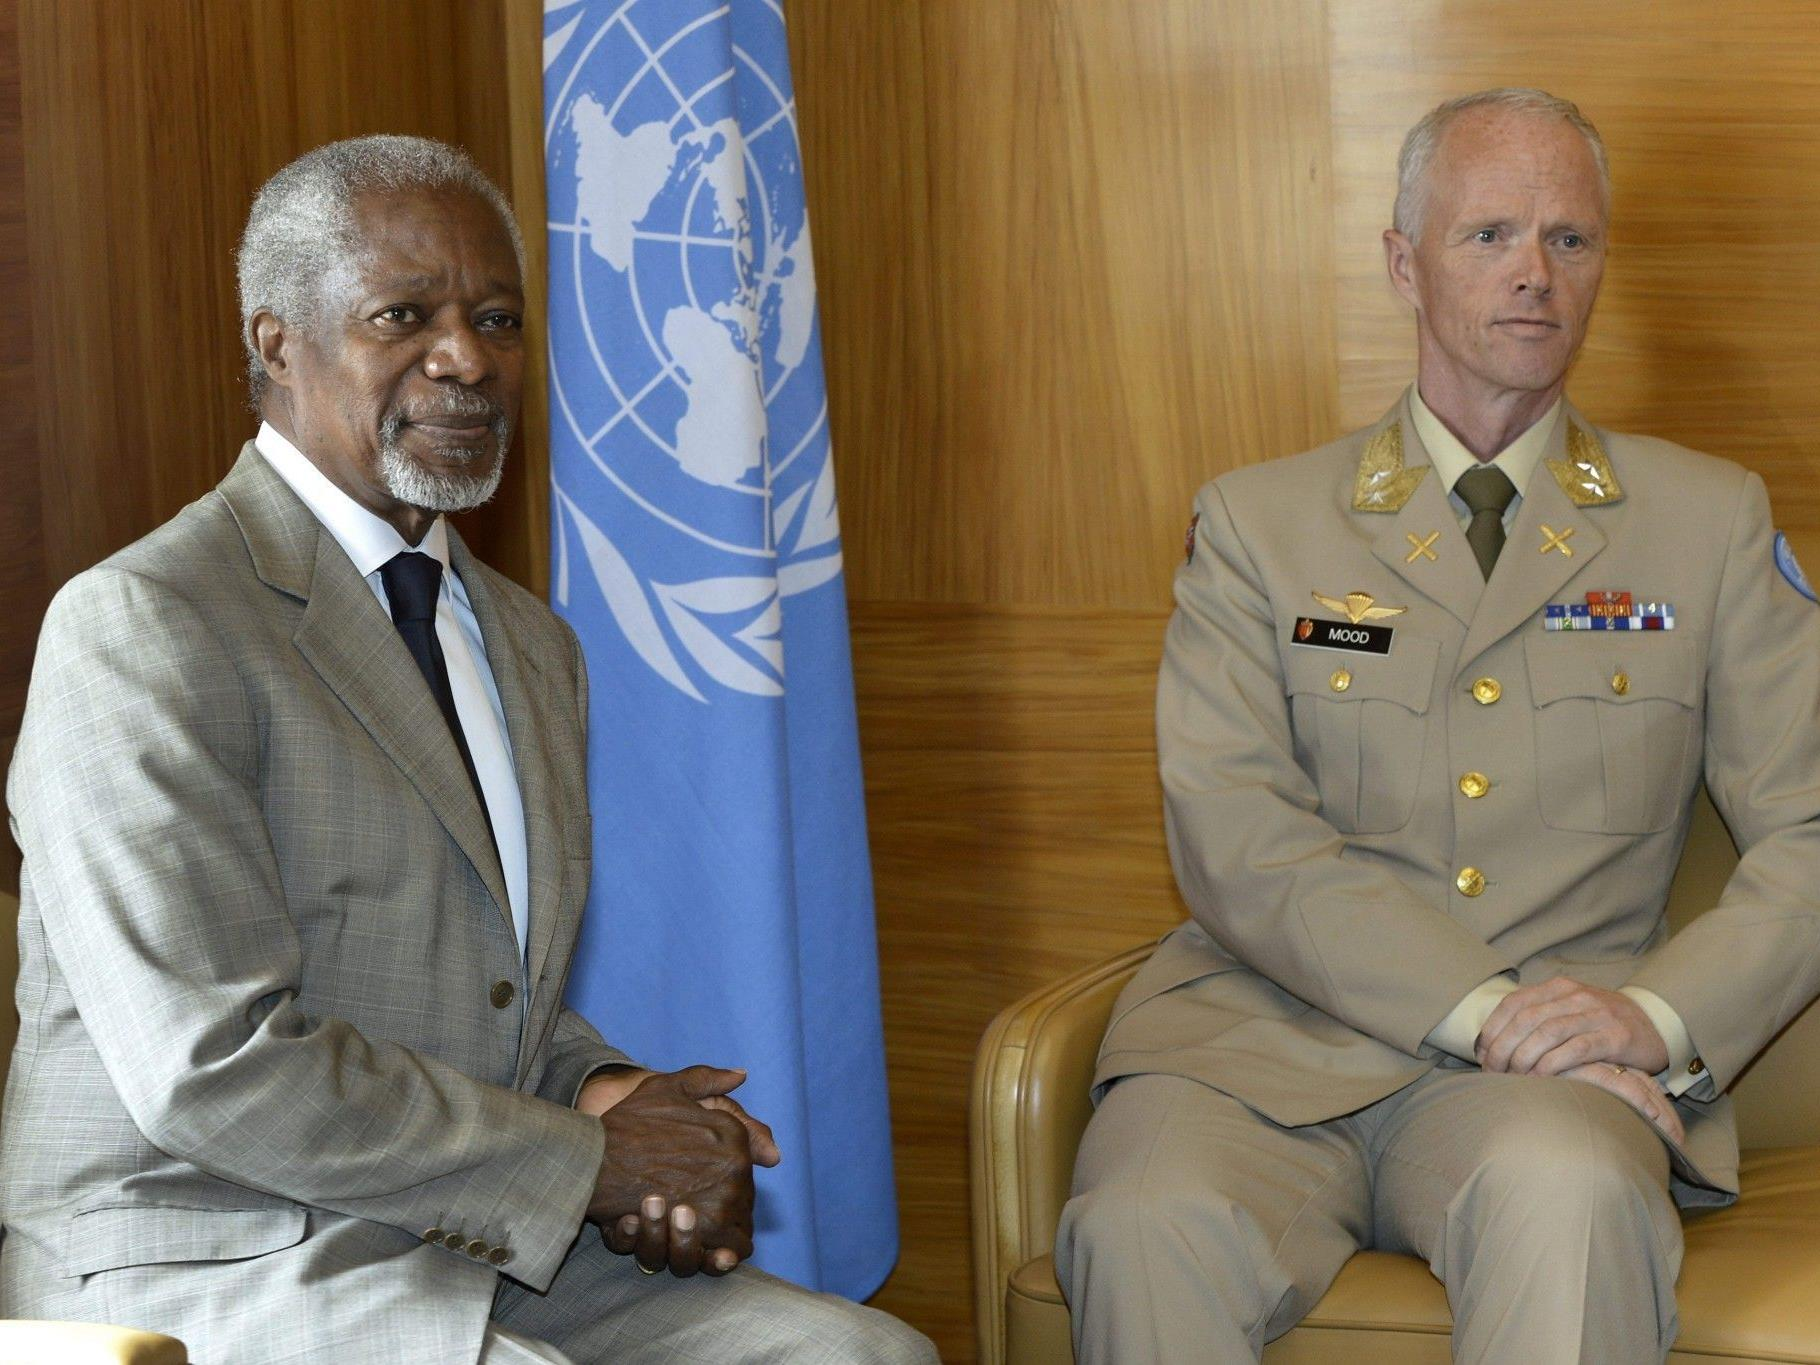 UNO-Sondervermittler Kofi Annan mit UNSMIS-Chef Norweger Robert Mood in Genf.